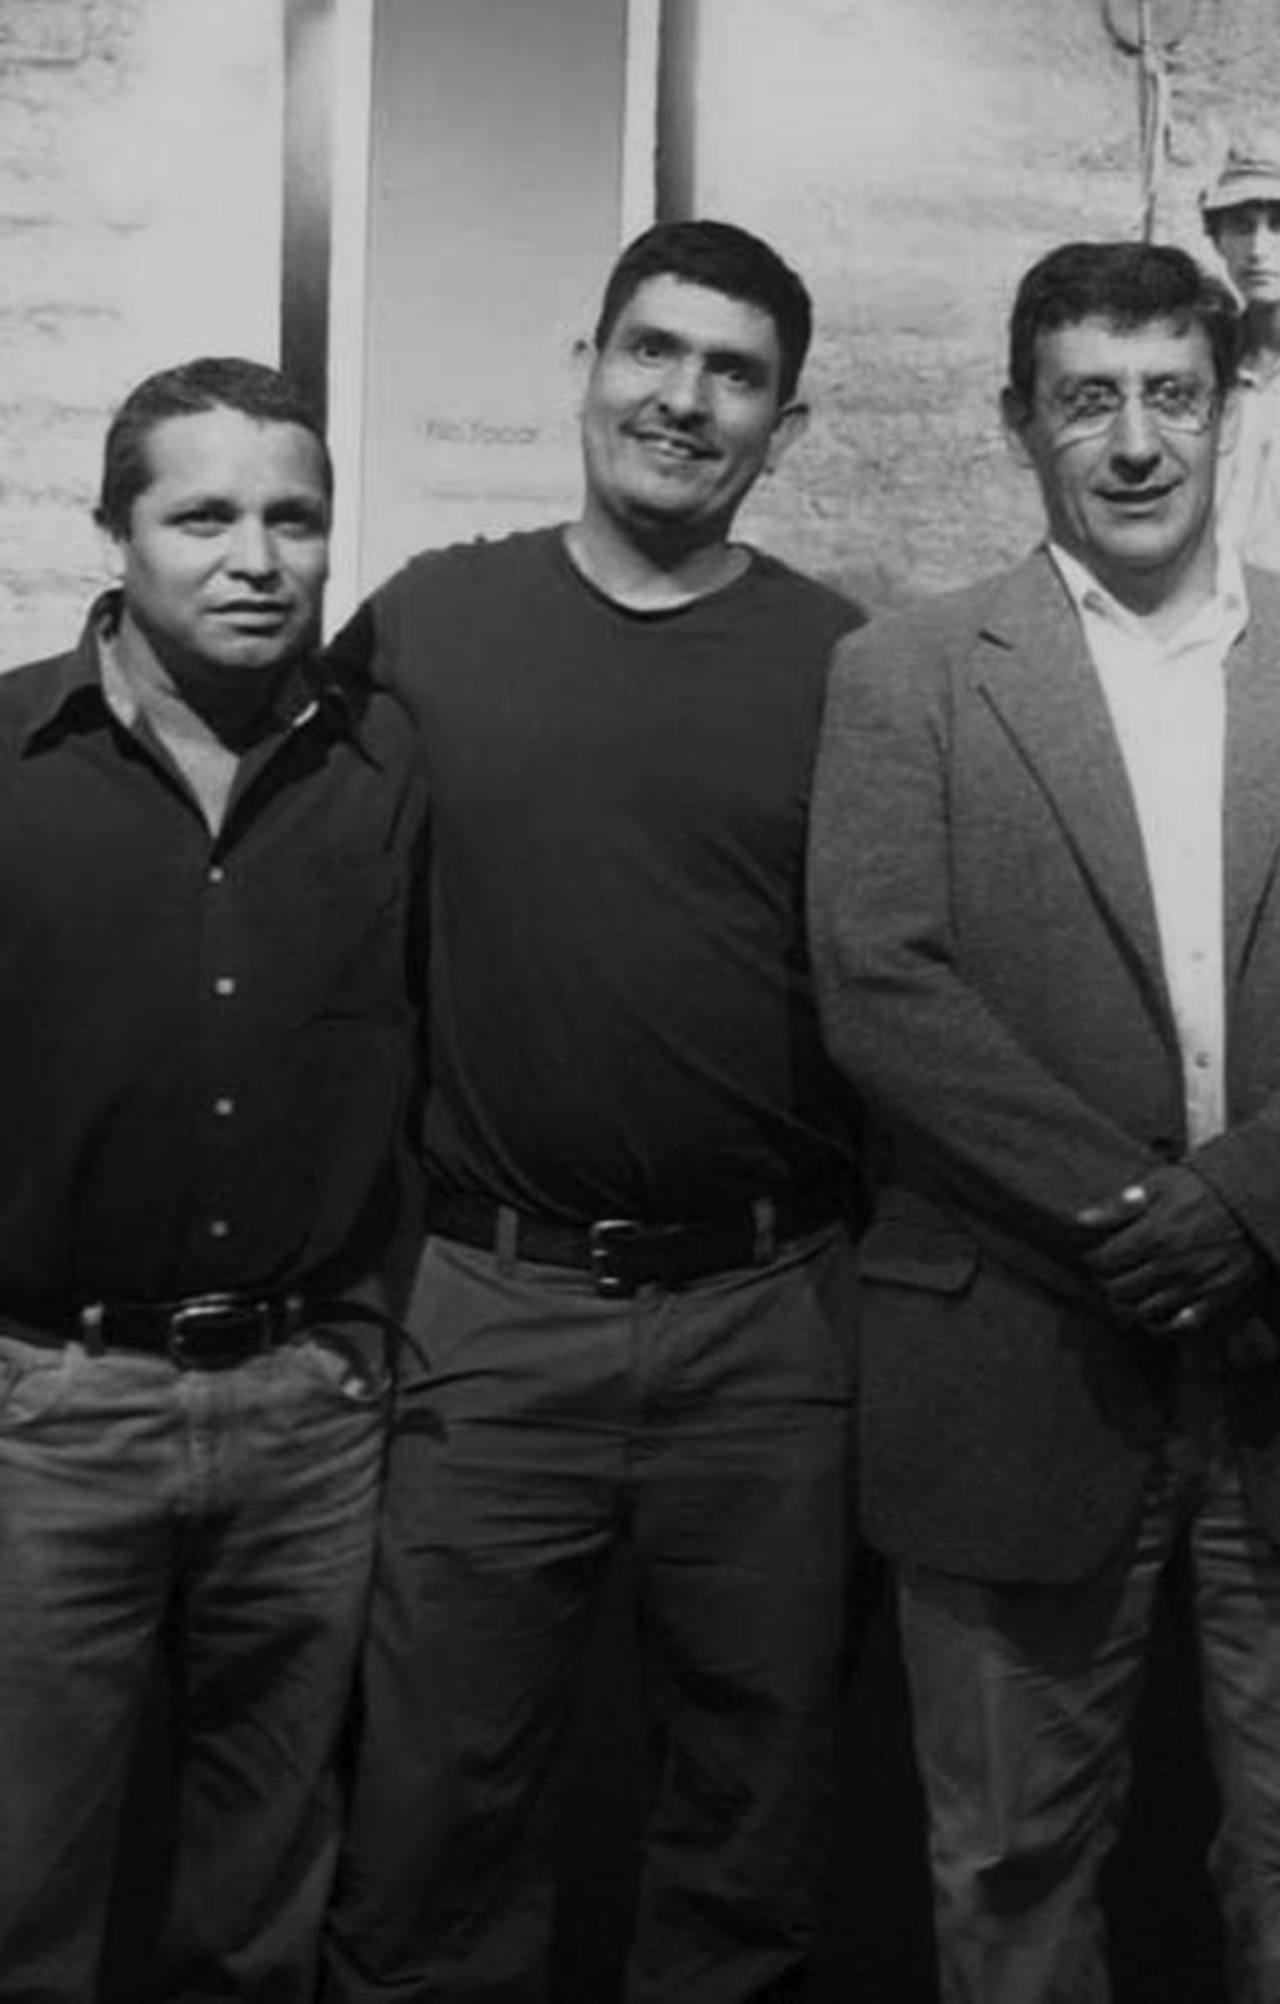 De izquierda a derecha: Omar Carbonero, Edgar Romero, Christian Poveda (1955 - 2009), Iván Montesinos y Susan Meiselas. Foto EDH / Cortesía PhotoCafé. Edgar Romero exhorta a sus colegas que dialoguen en caso de que existan molestias.